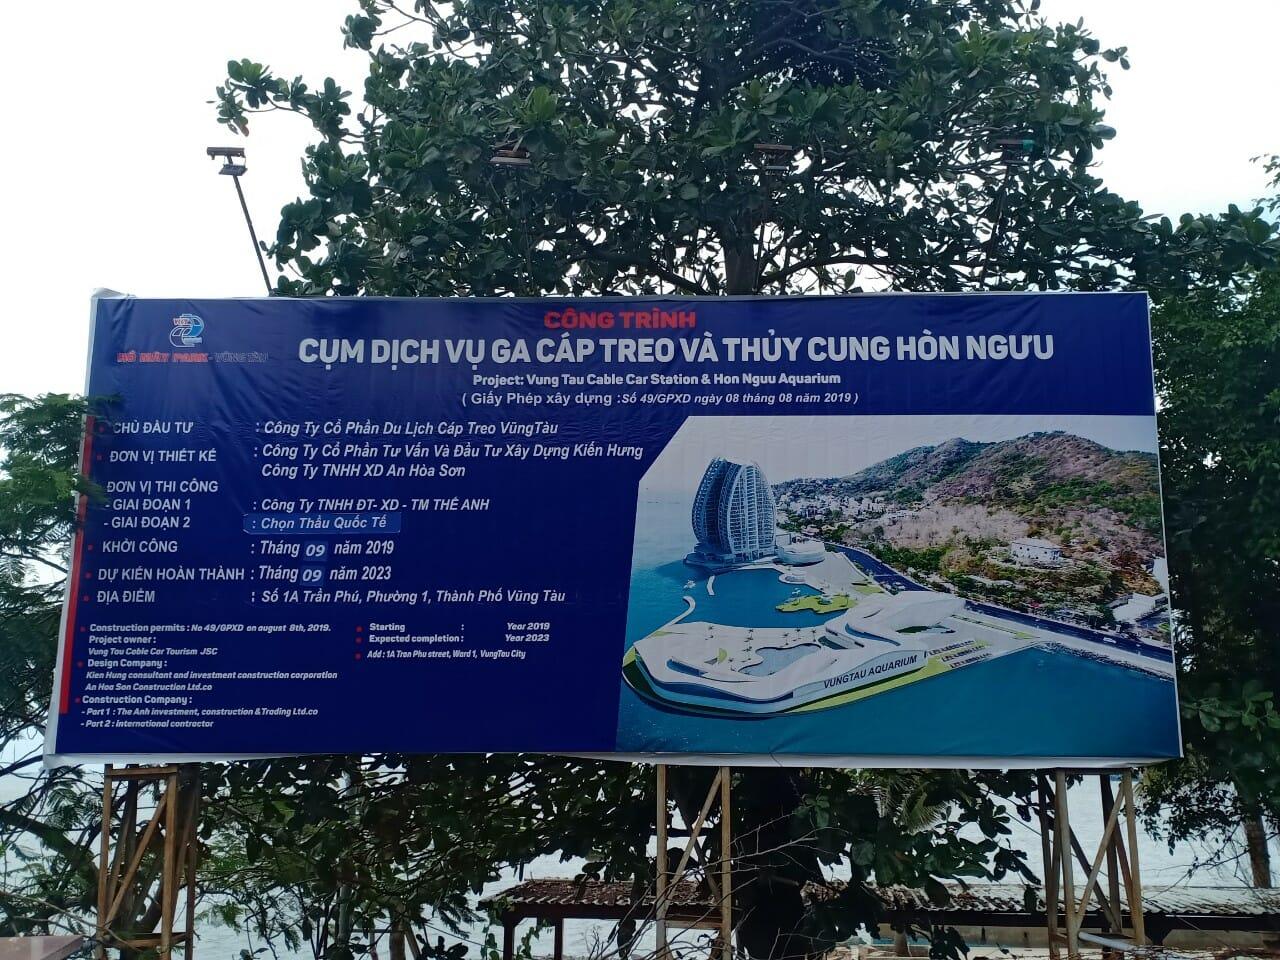 Bà Rịa – Vũng Tàu: Hủy chọn lọc thu hồi hơn 37ha đất dự án Bất động sản Cụm Du lịch Núi Lớn — Núi Nhỏ và Cáp treo Vũng Tàu